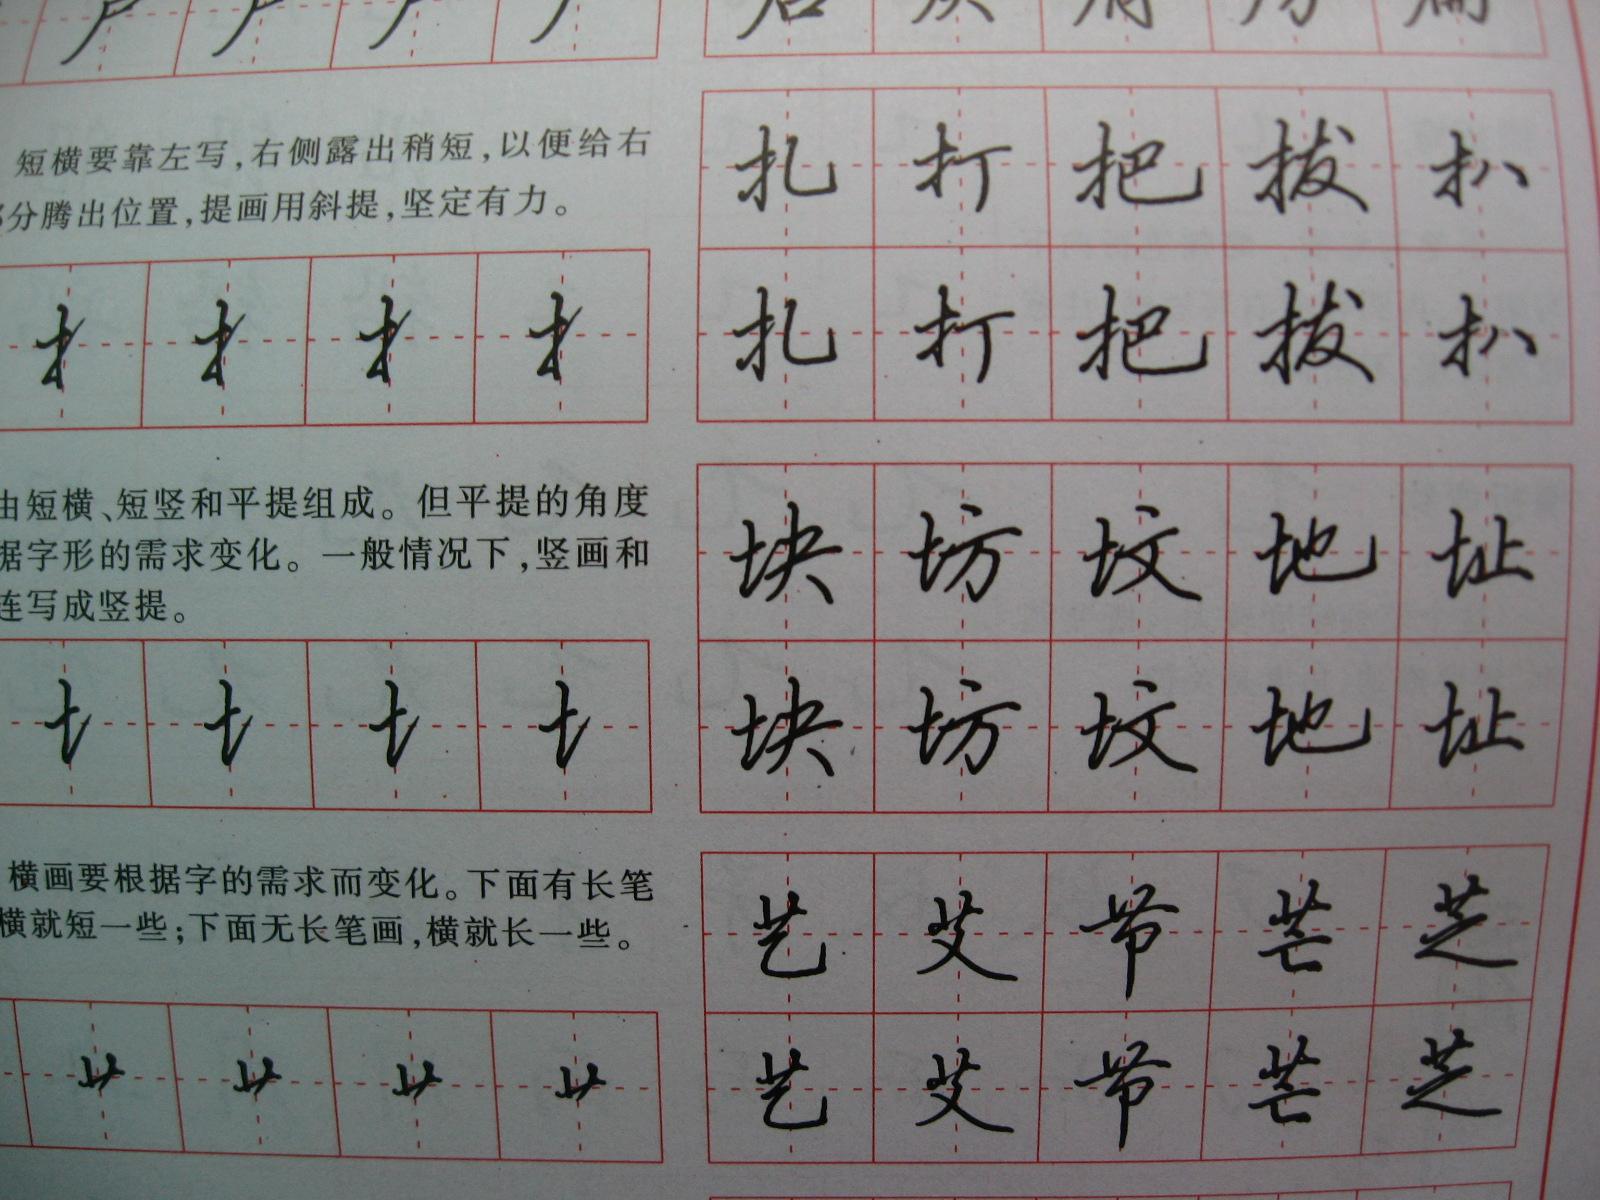 及的笔顺怎么写 还的笔顺怎么写 及的笔顺是什么 区的笔顺怎么写